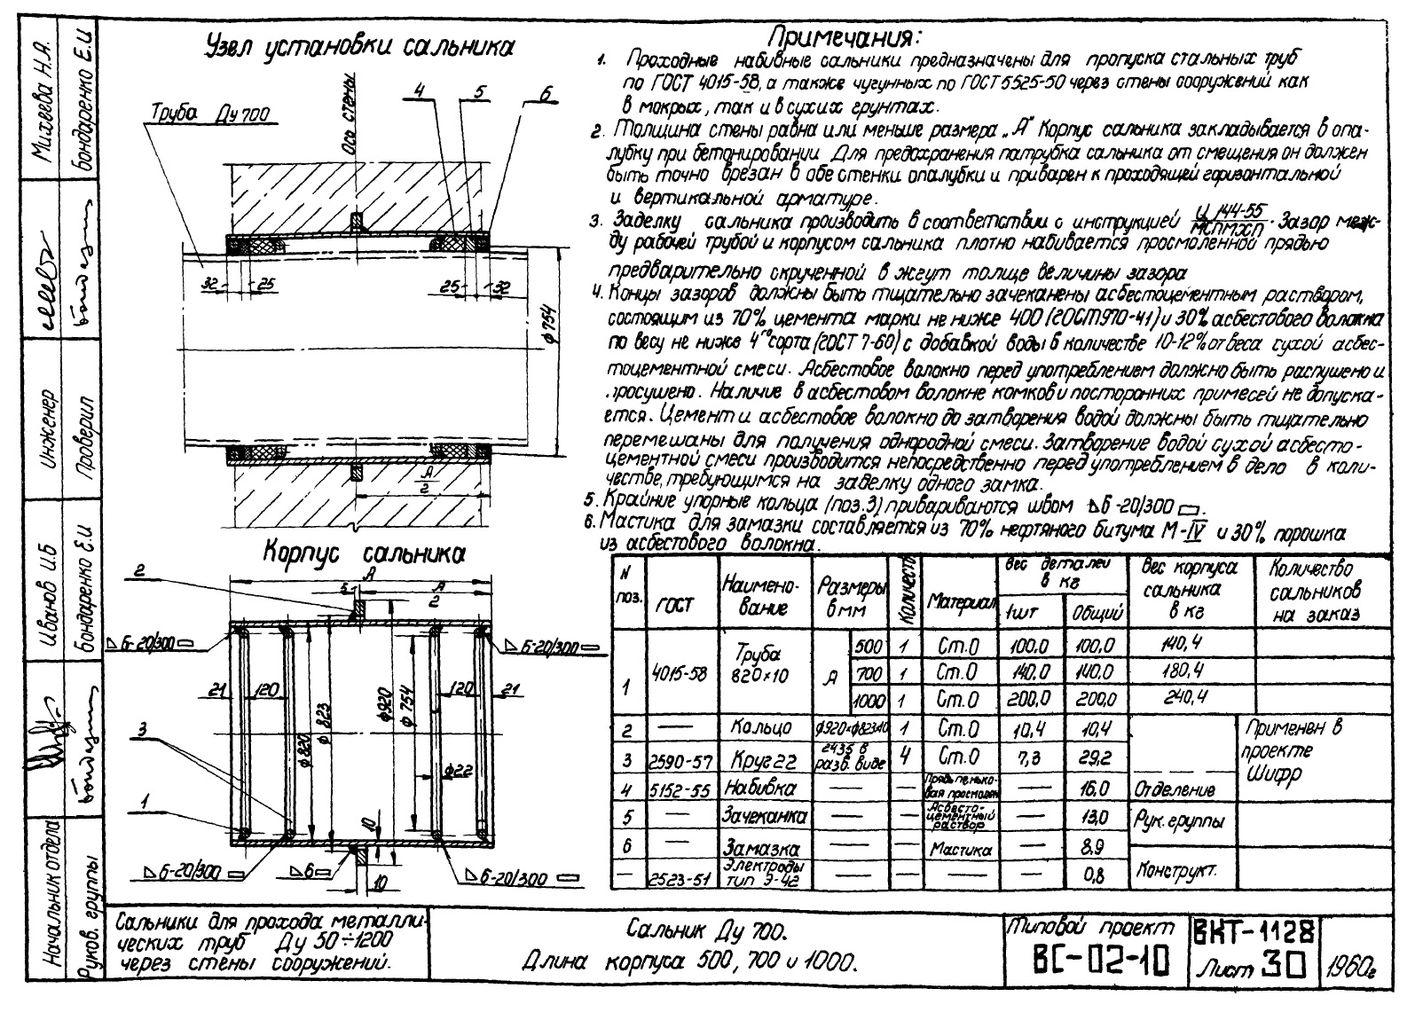 Сальники набивные L = 1000 мм типовой проект ВС-02-10 стр.14